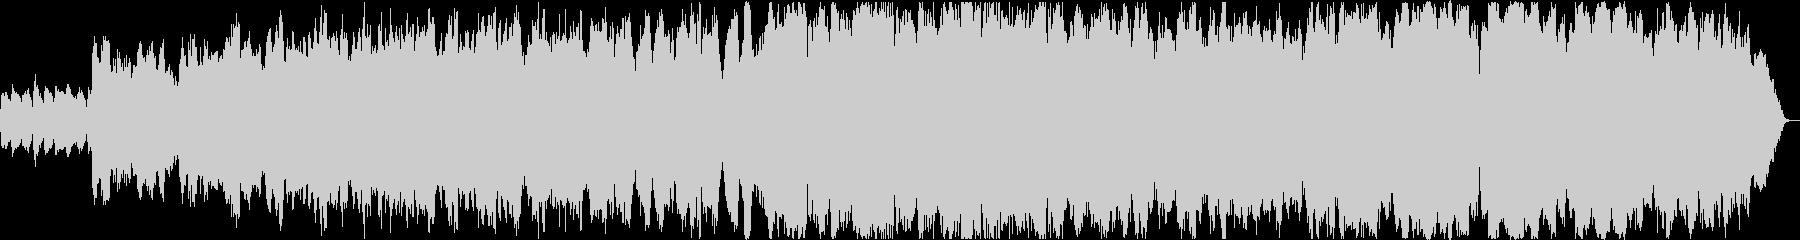 パッヘルベルのカノン/パッヘルベルの未再生の波形